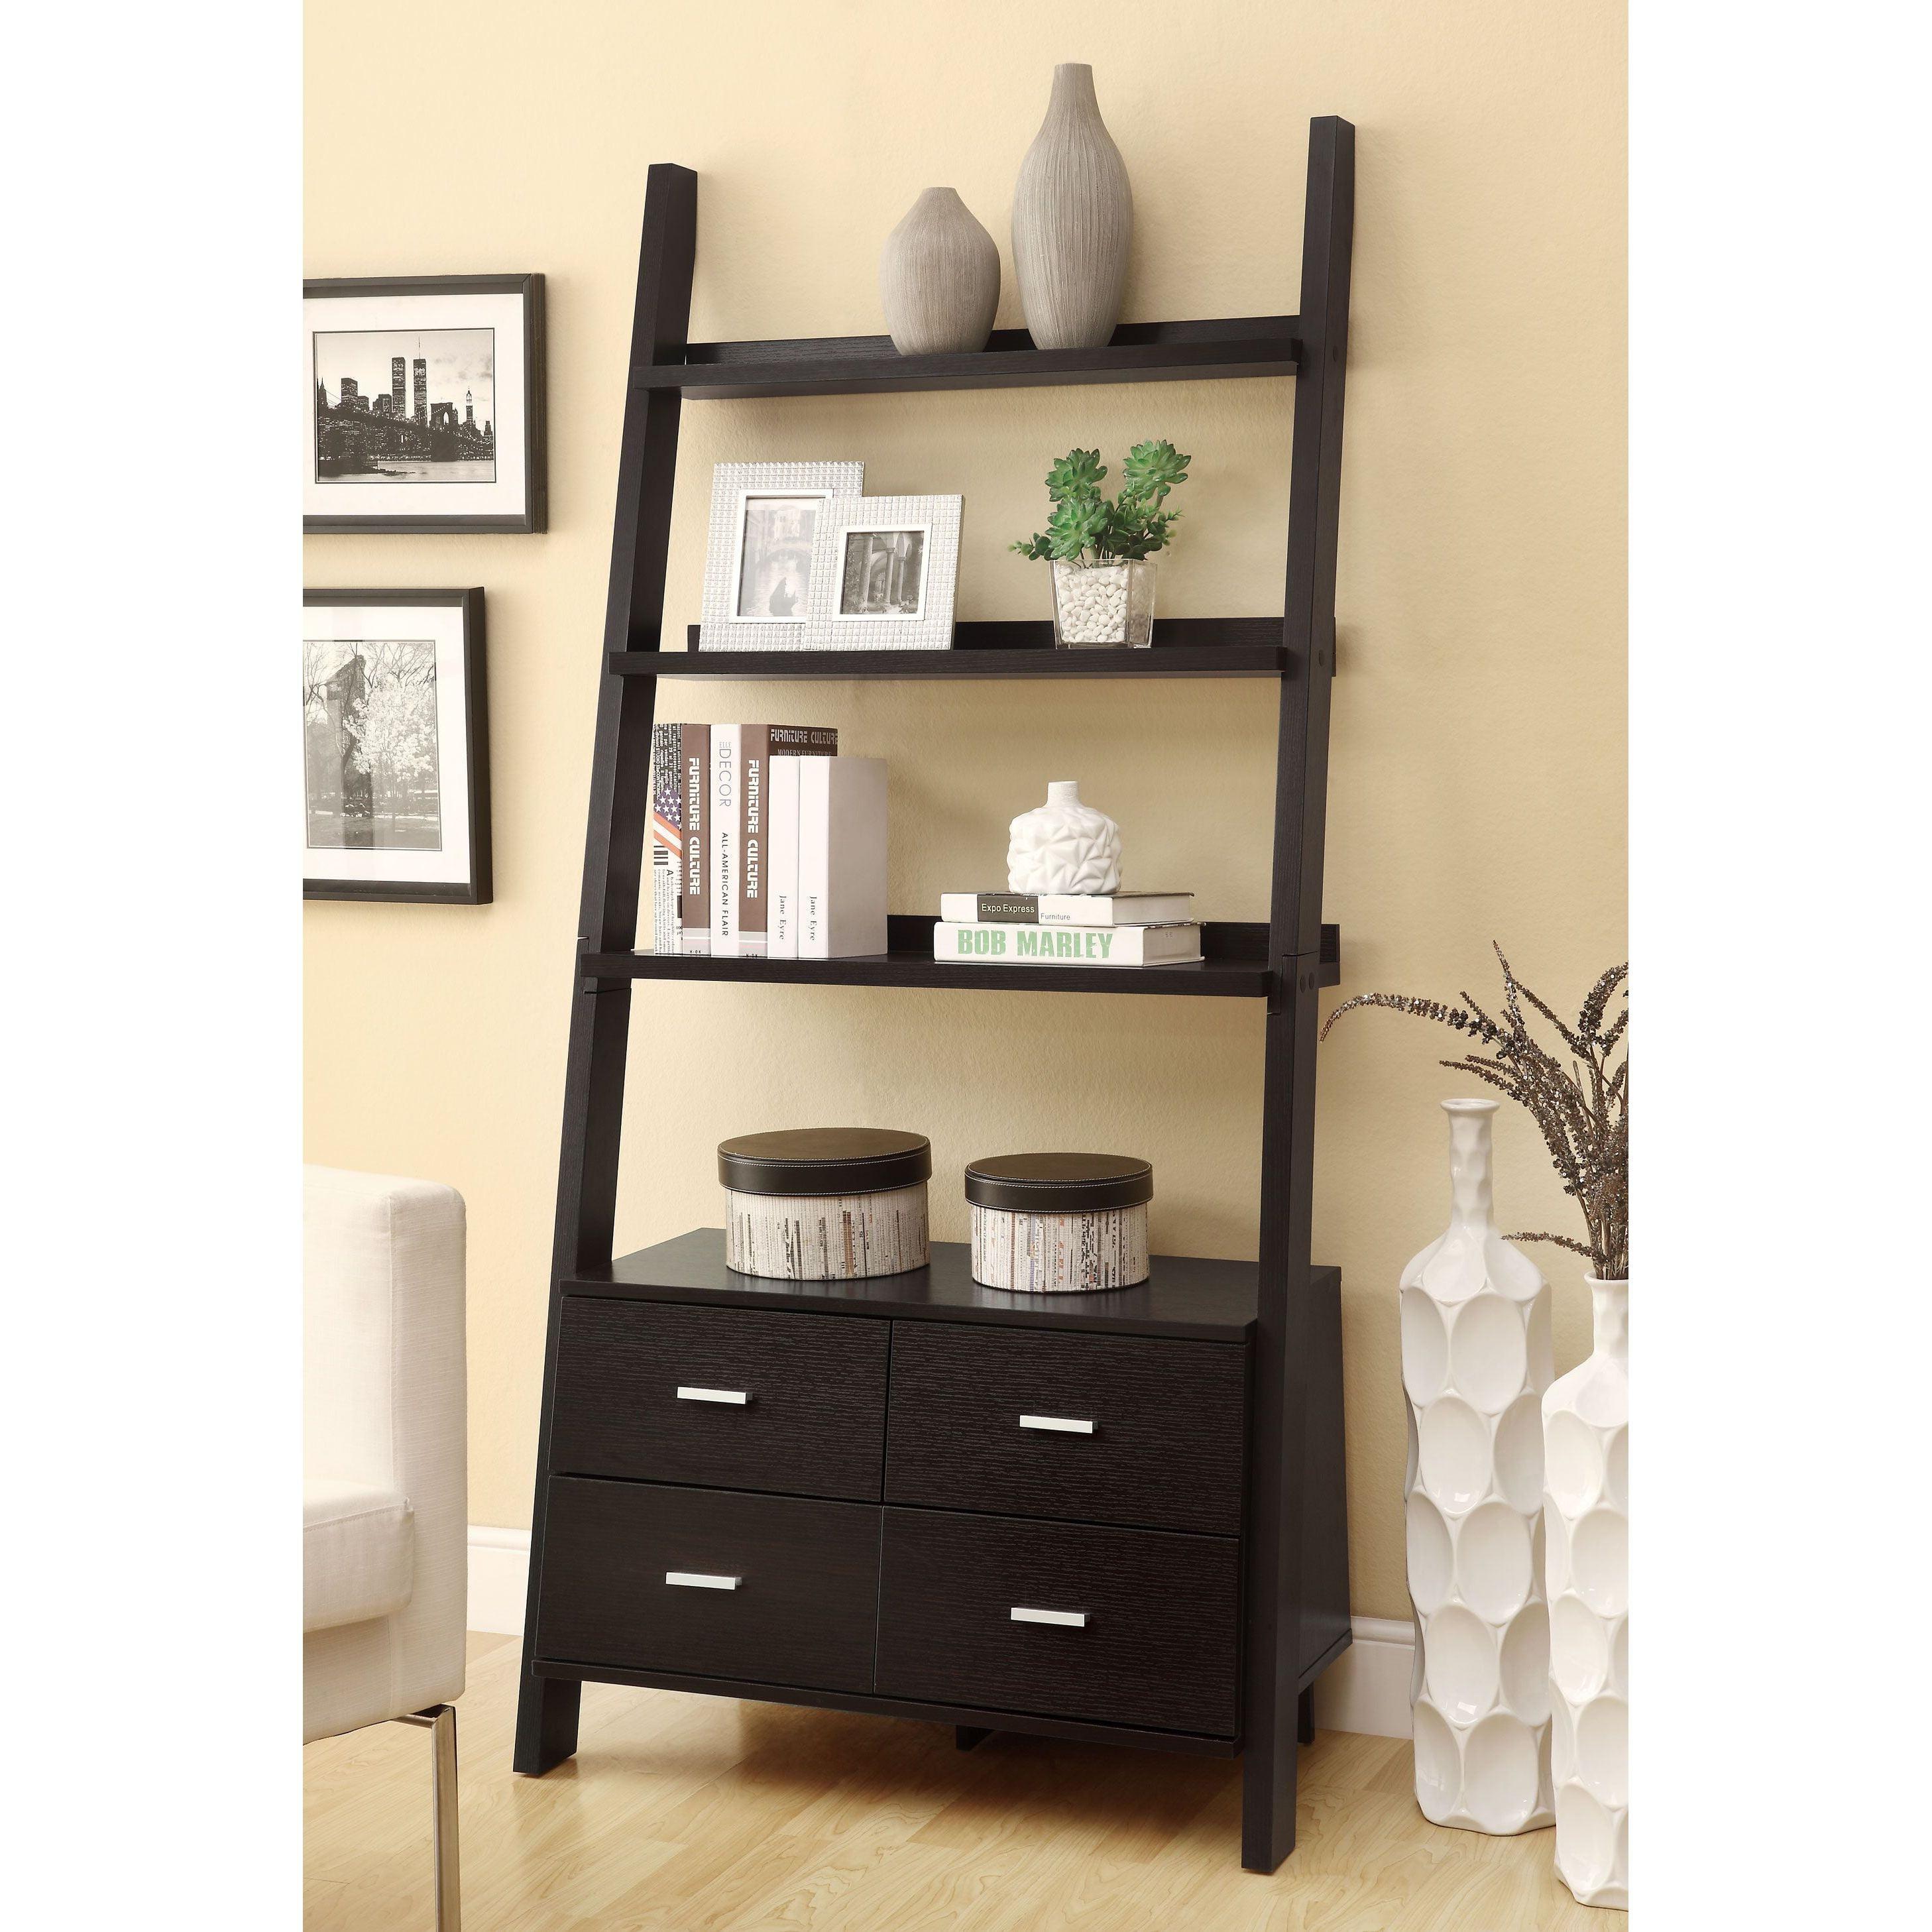 cfm product bookcase ladder master shelf trestle espresso bookcases sauder hayneedle wood jamocha leaning